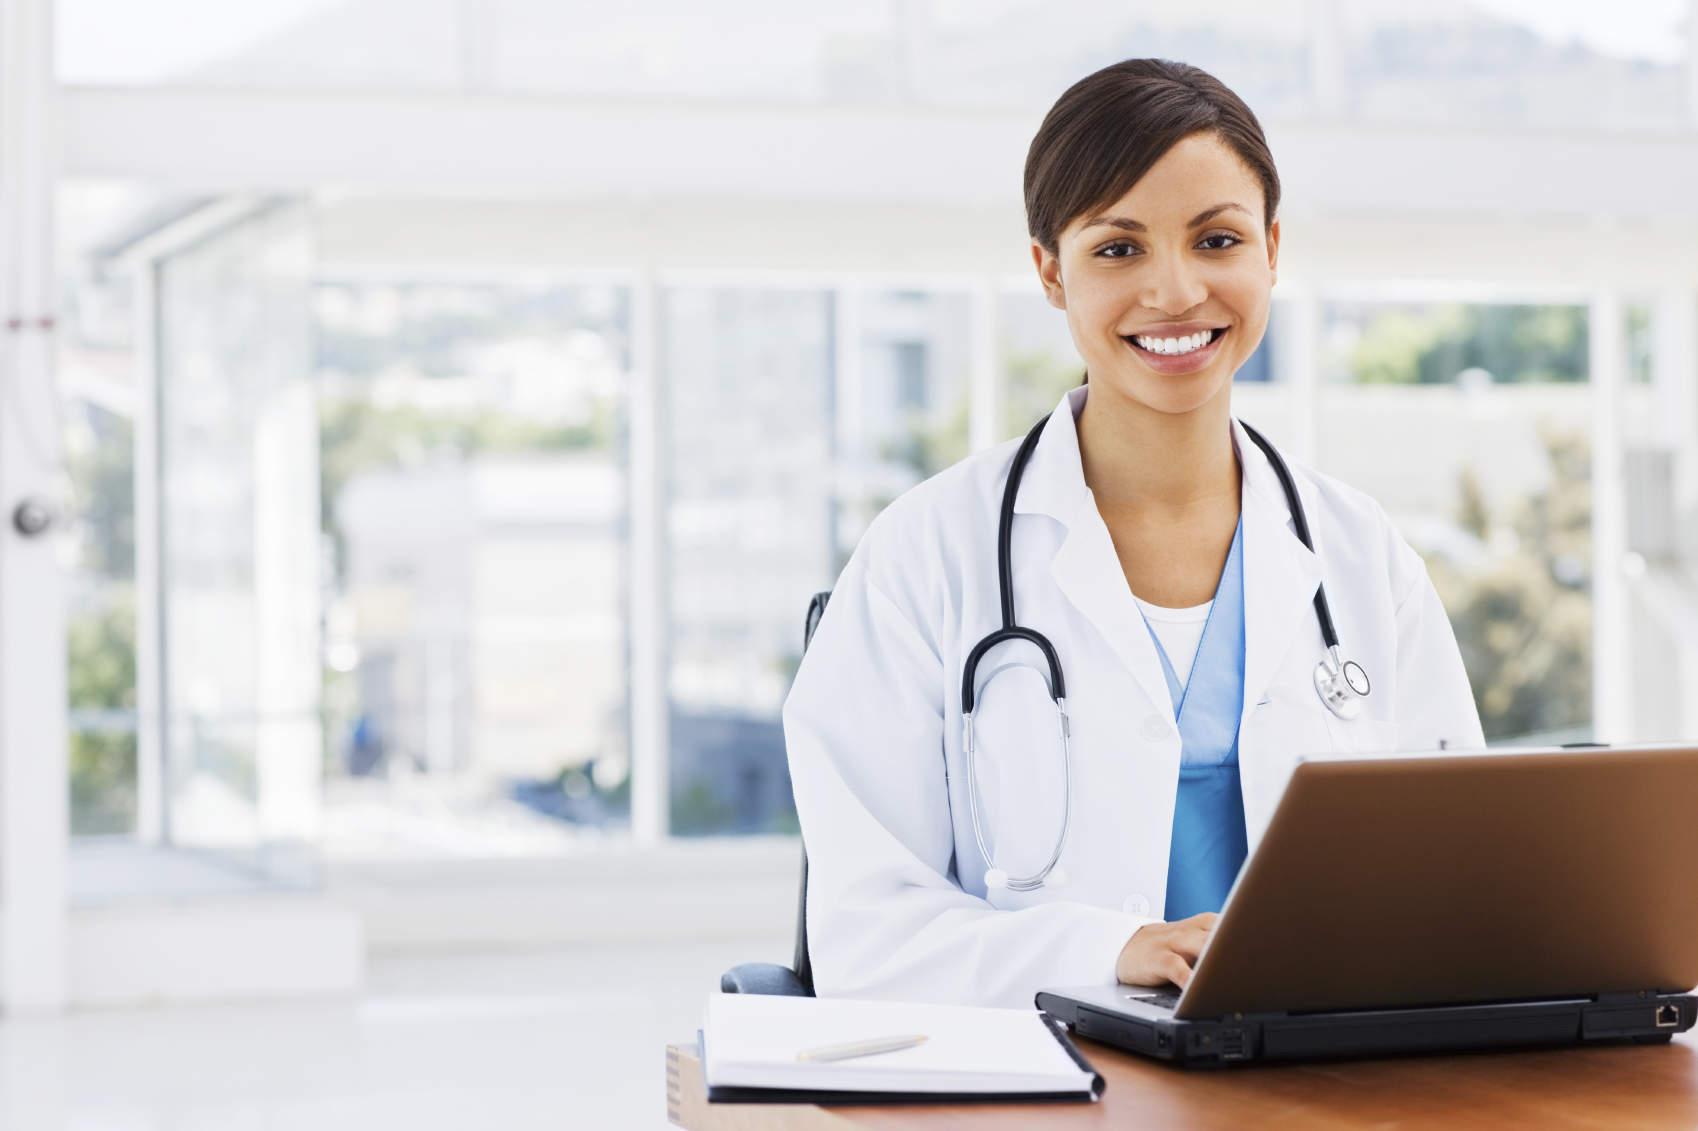 Fazer o telefone de seu consultório ser atendido aumenta a produtividade da sua clínica.